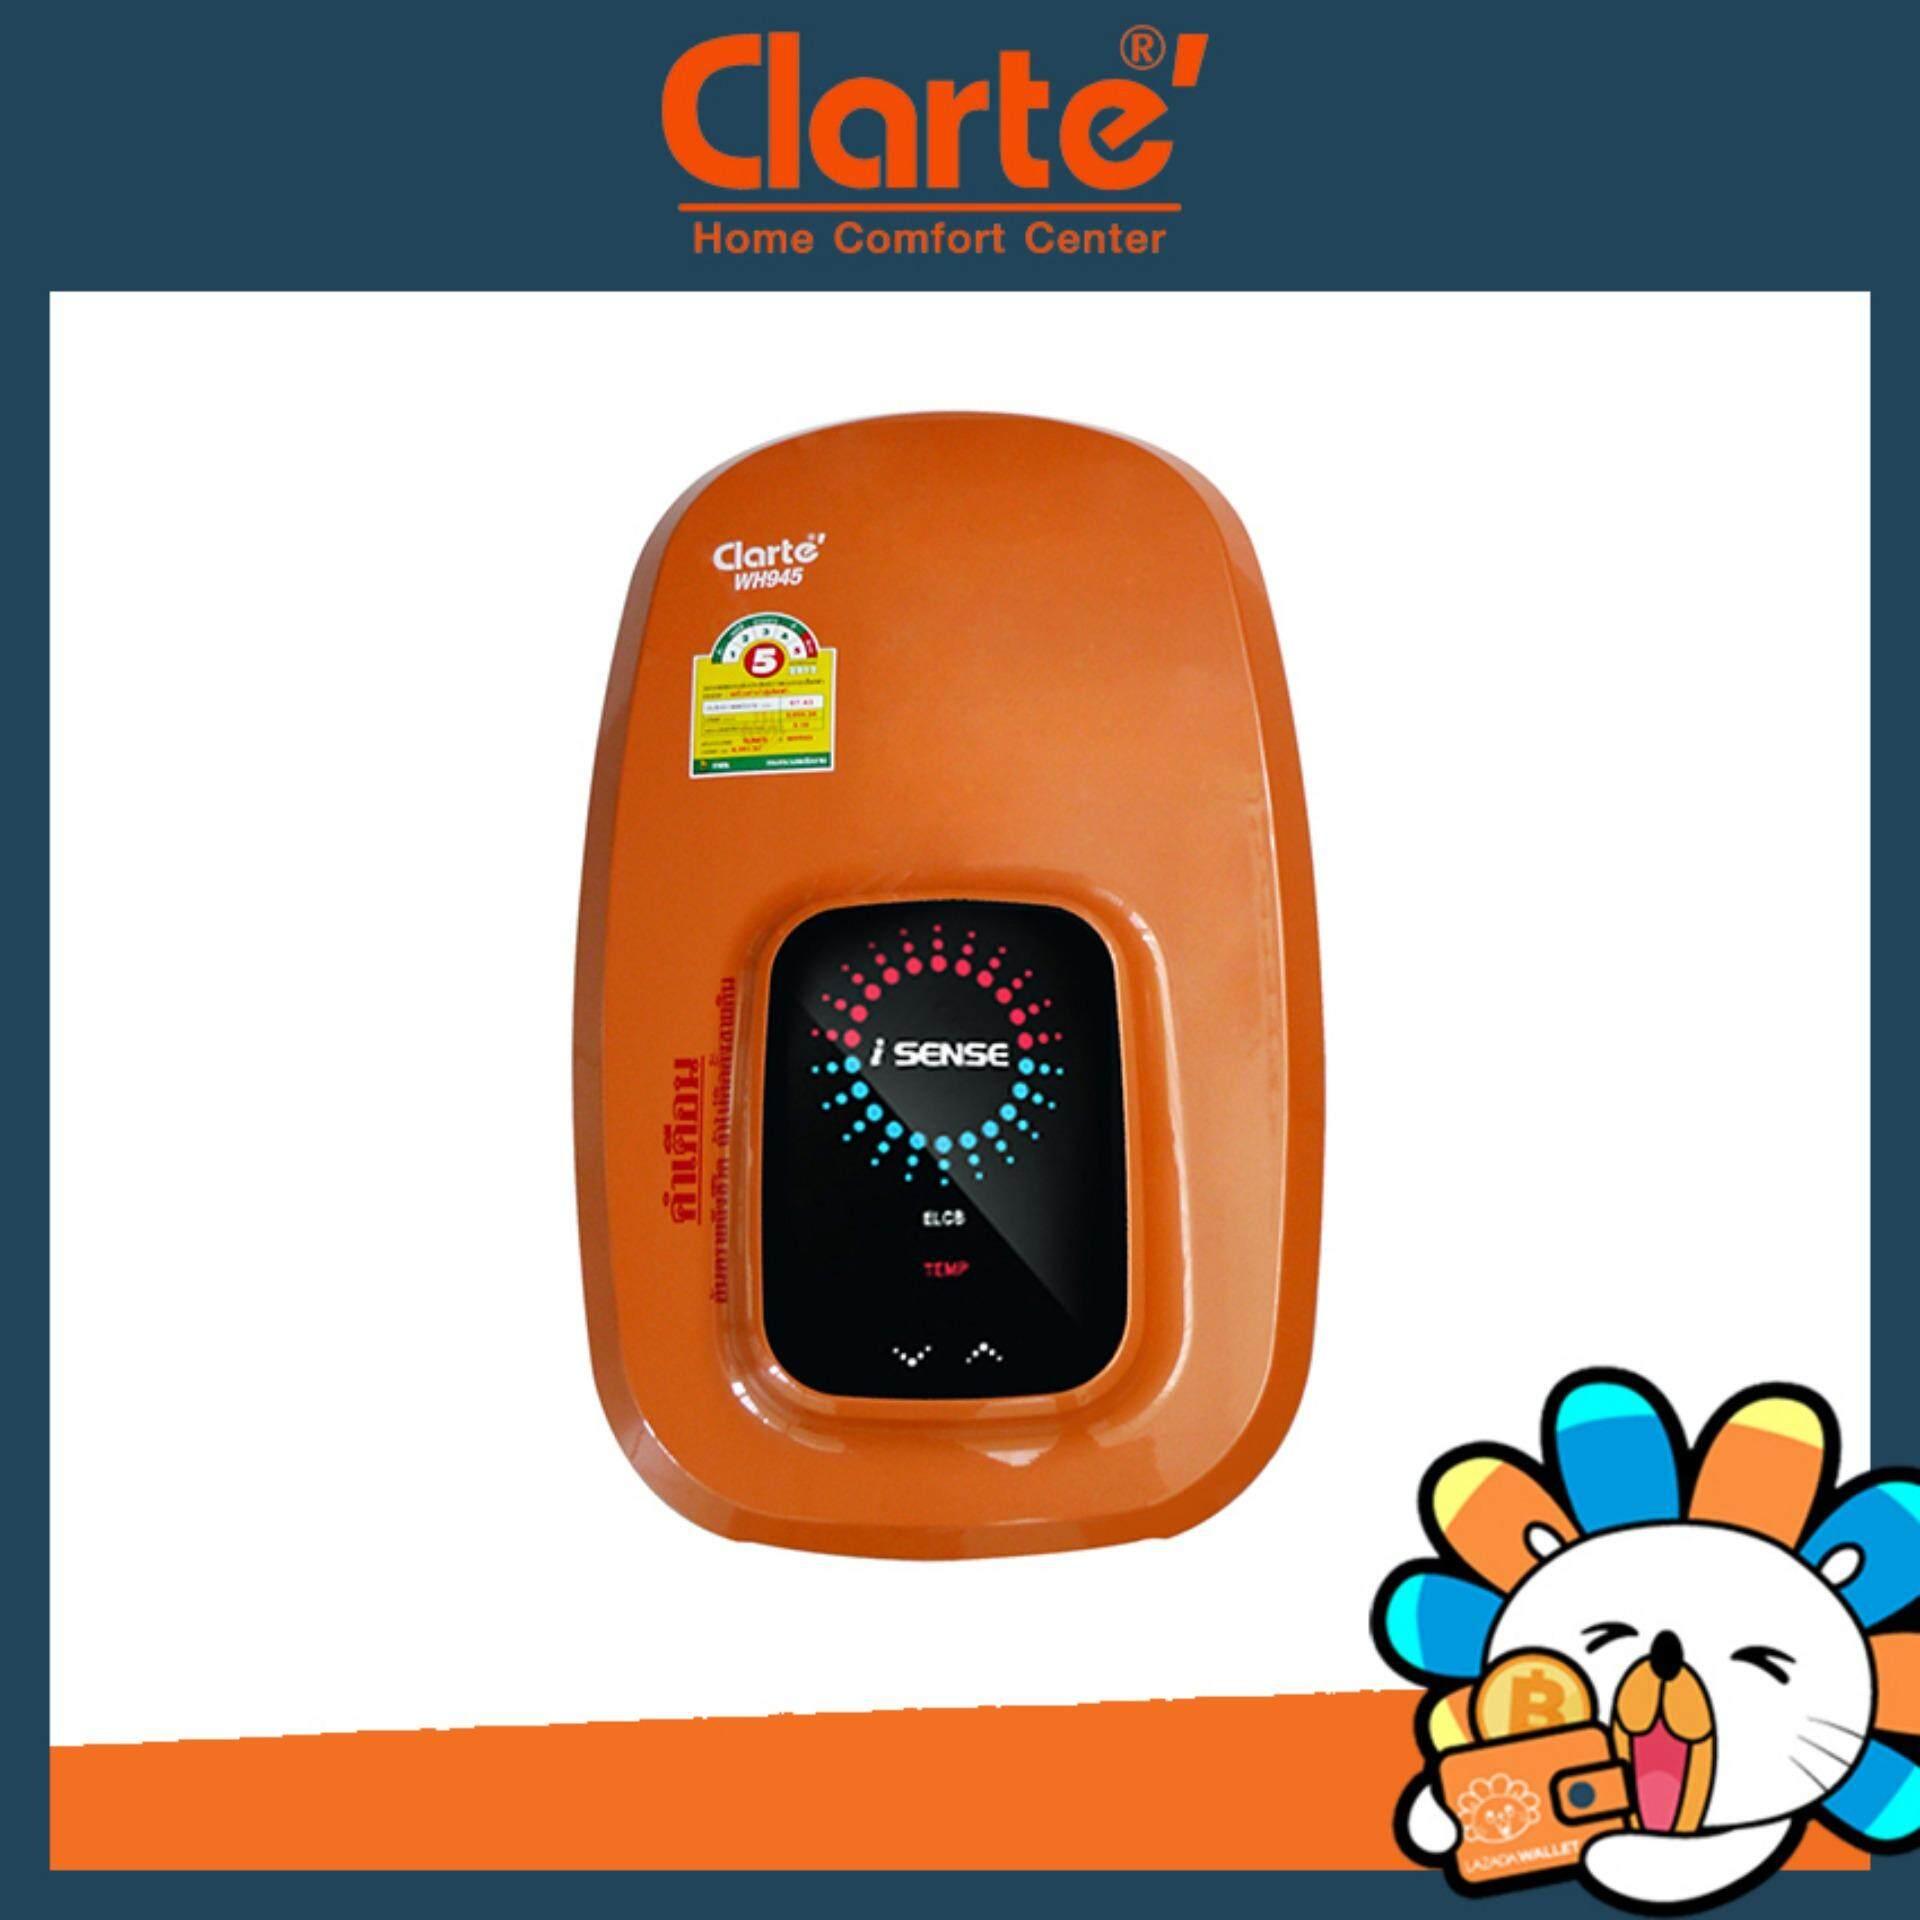 ขาย Clarte เครื่องทำน้ำอุ่น 4500 วัตต์ รุ่น Wh945Ct Or สีส้มทอง Clarte เป็นต้นฉบับ